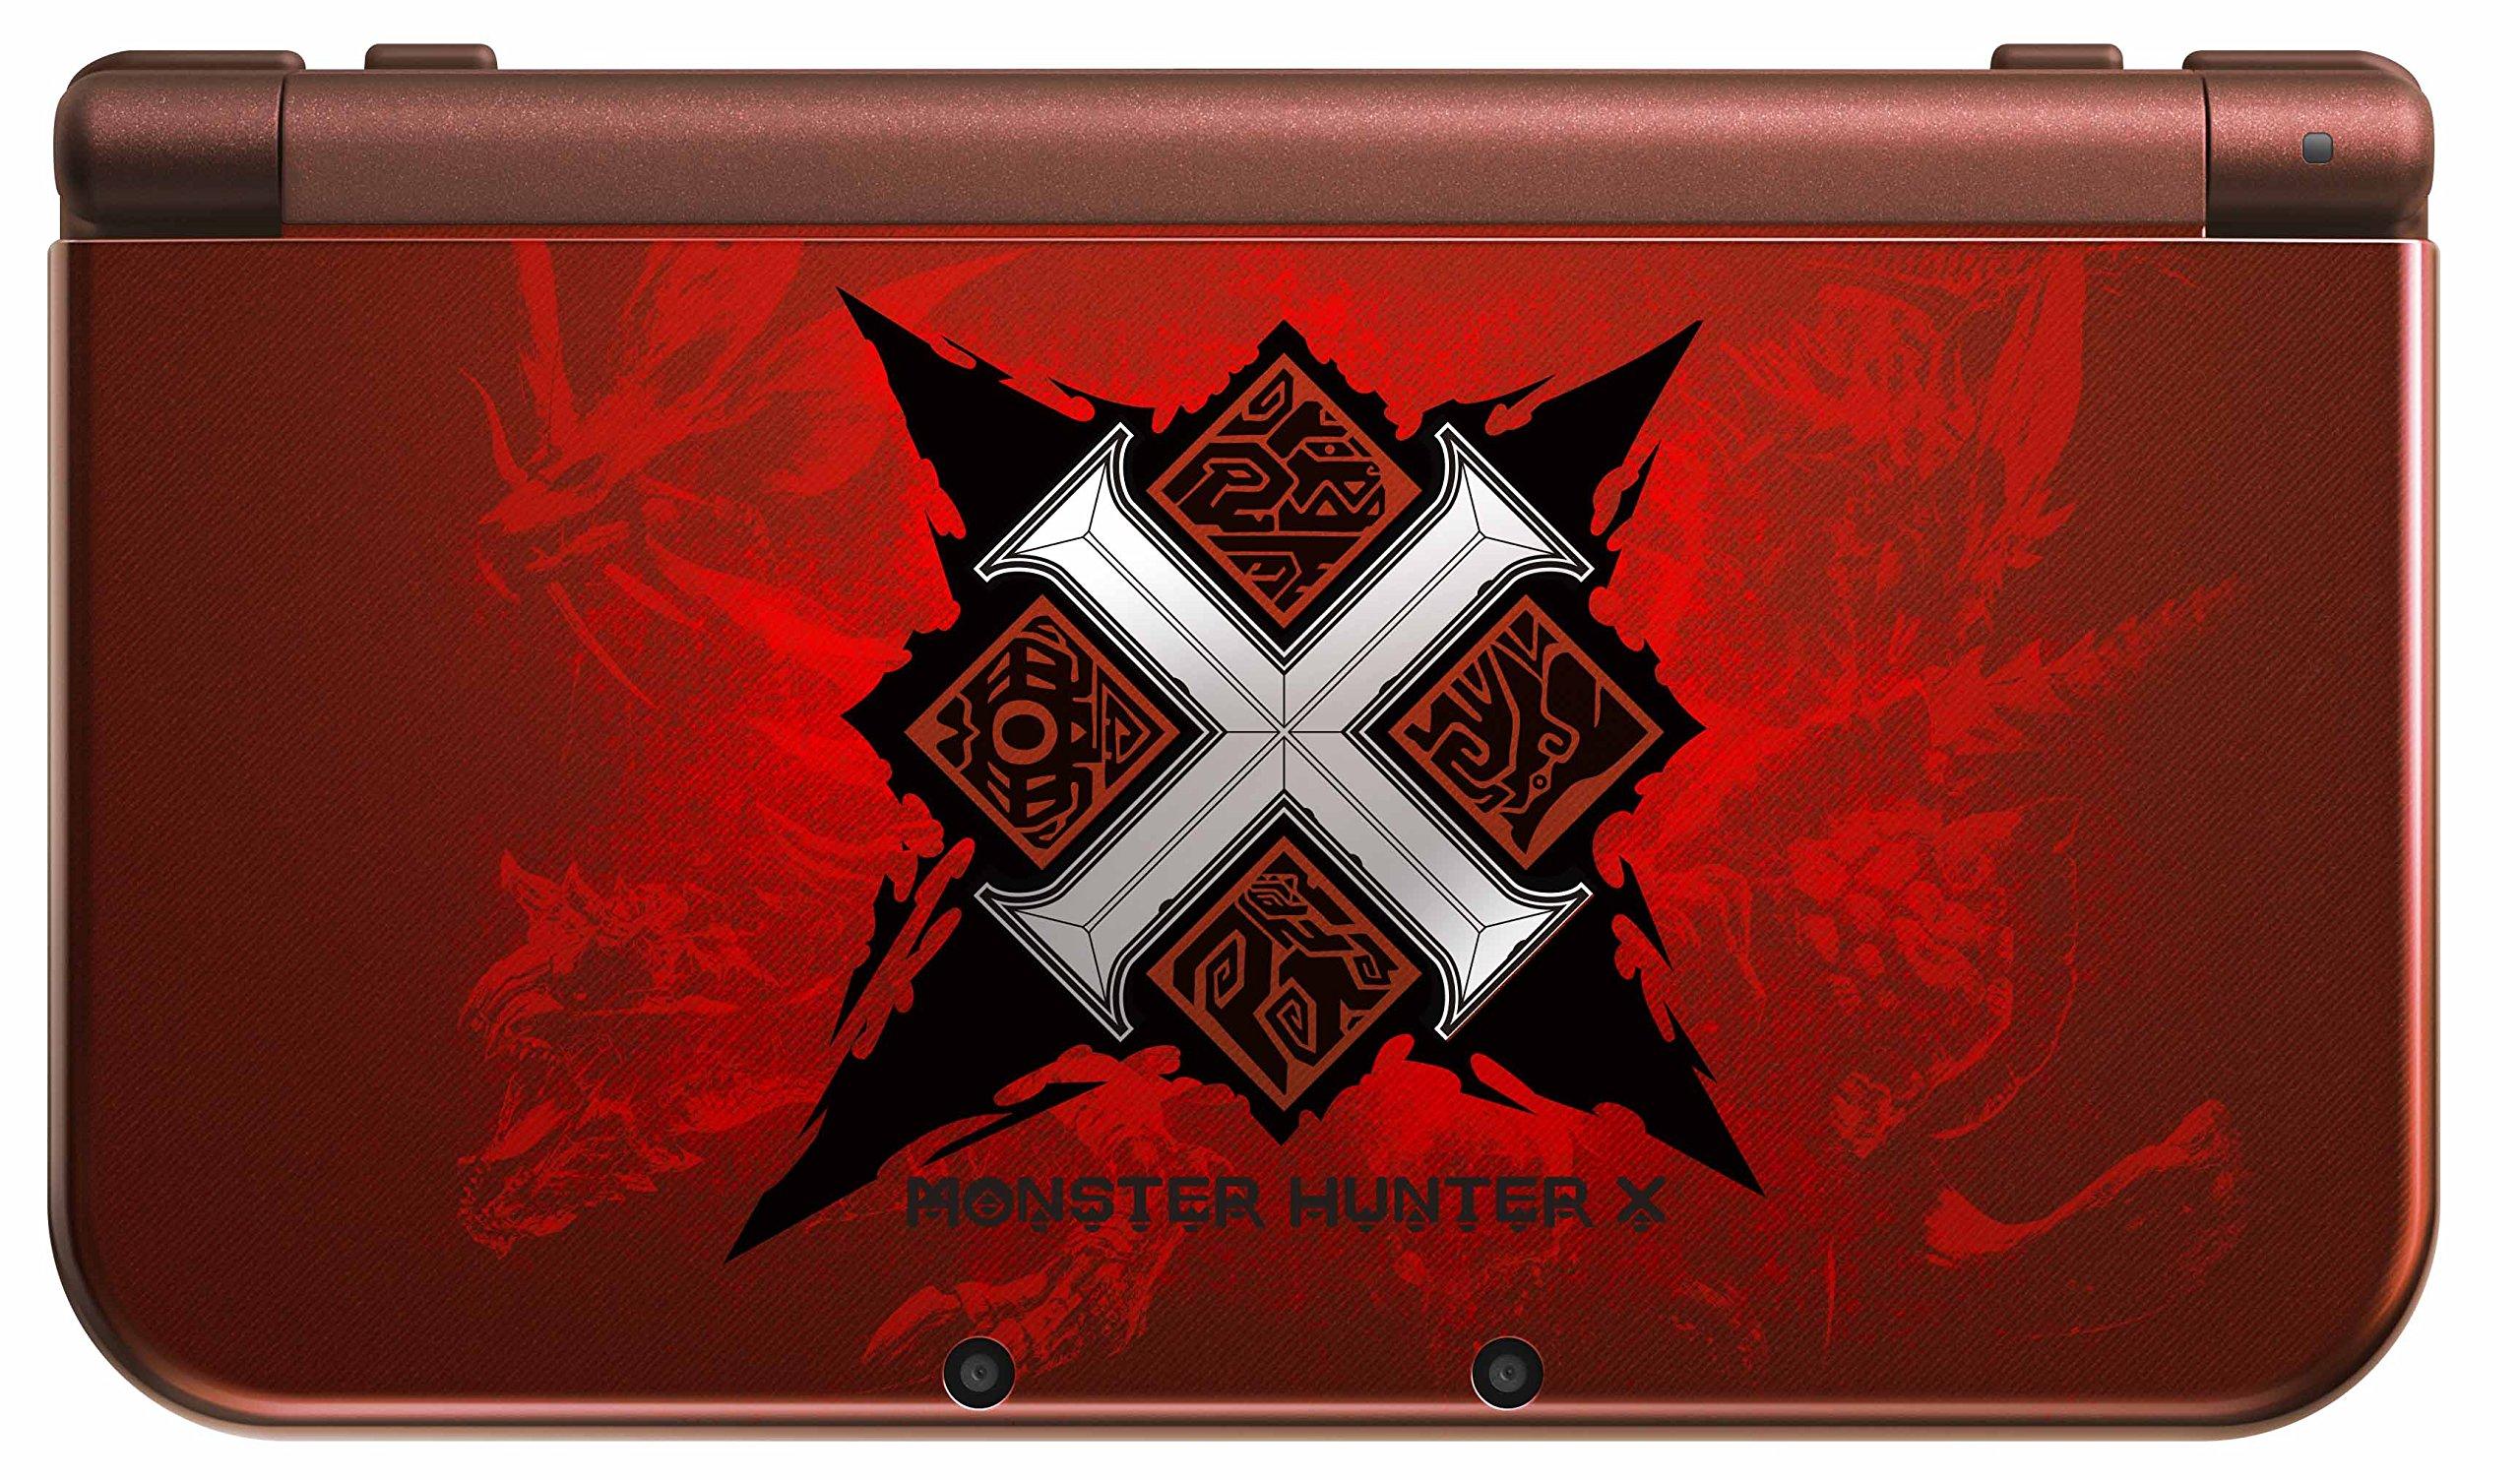 Nintendo 3DS Monster Hunter X Cross (Japanese Ver.) Special Pack